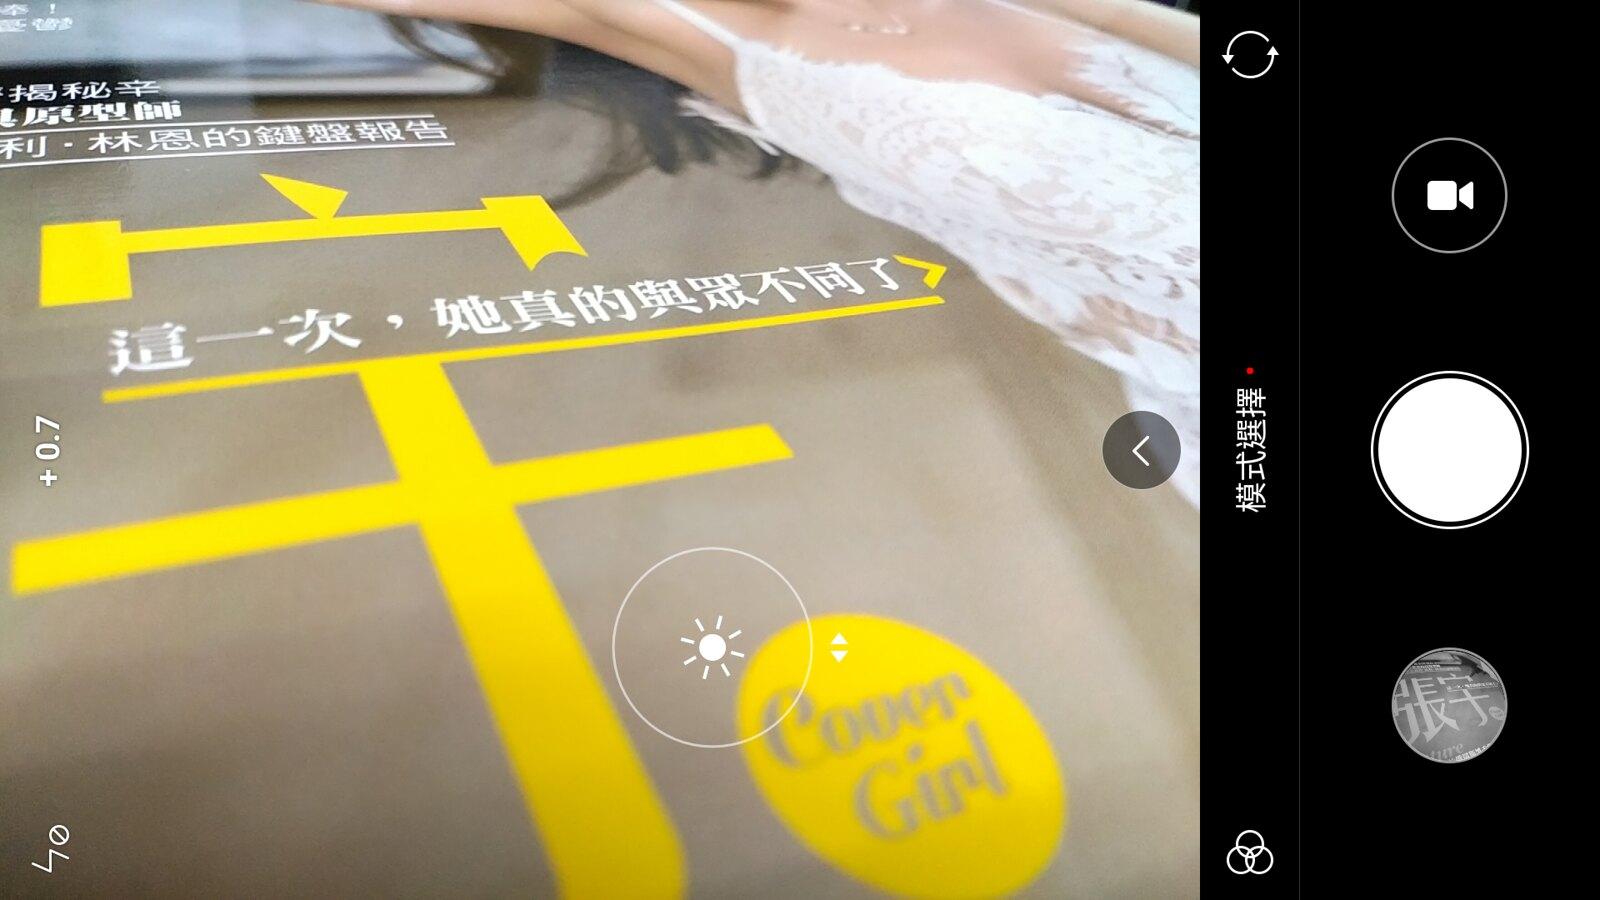 Screenshot_2016-11-23-22-32-43-124_com.android.camera